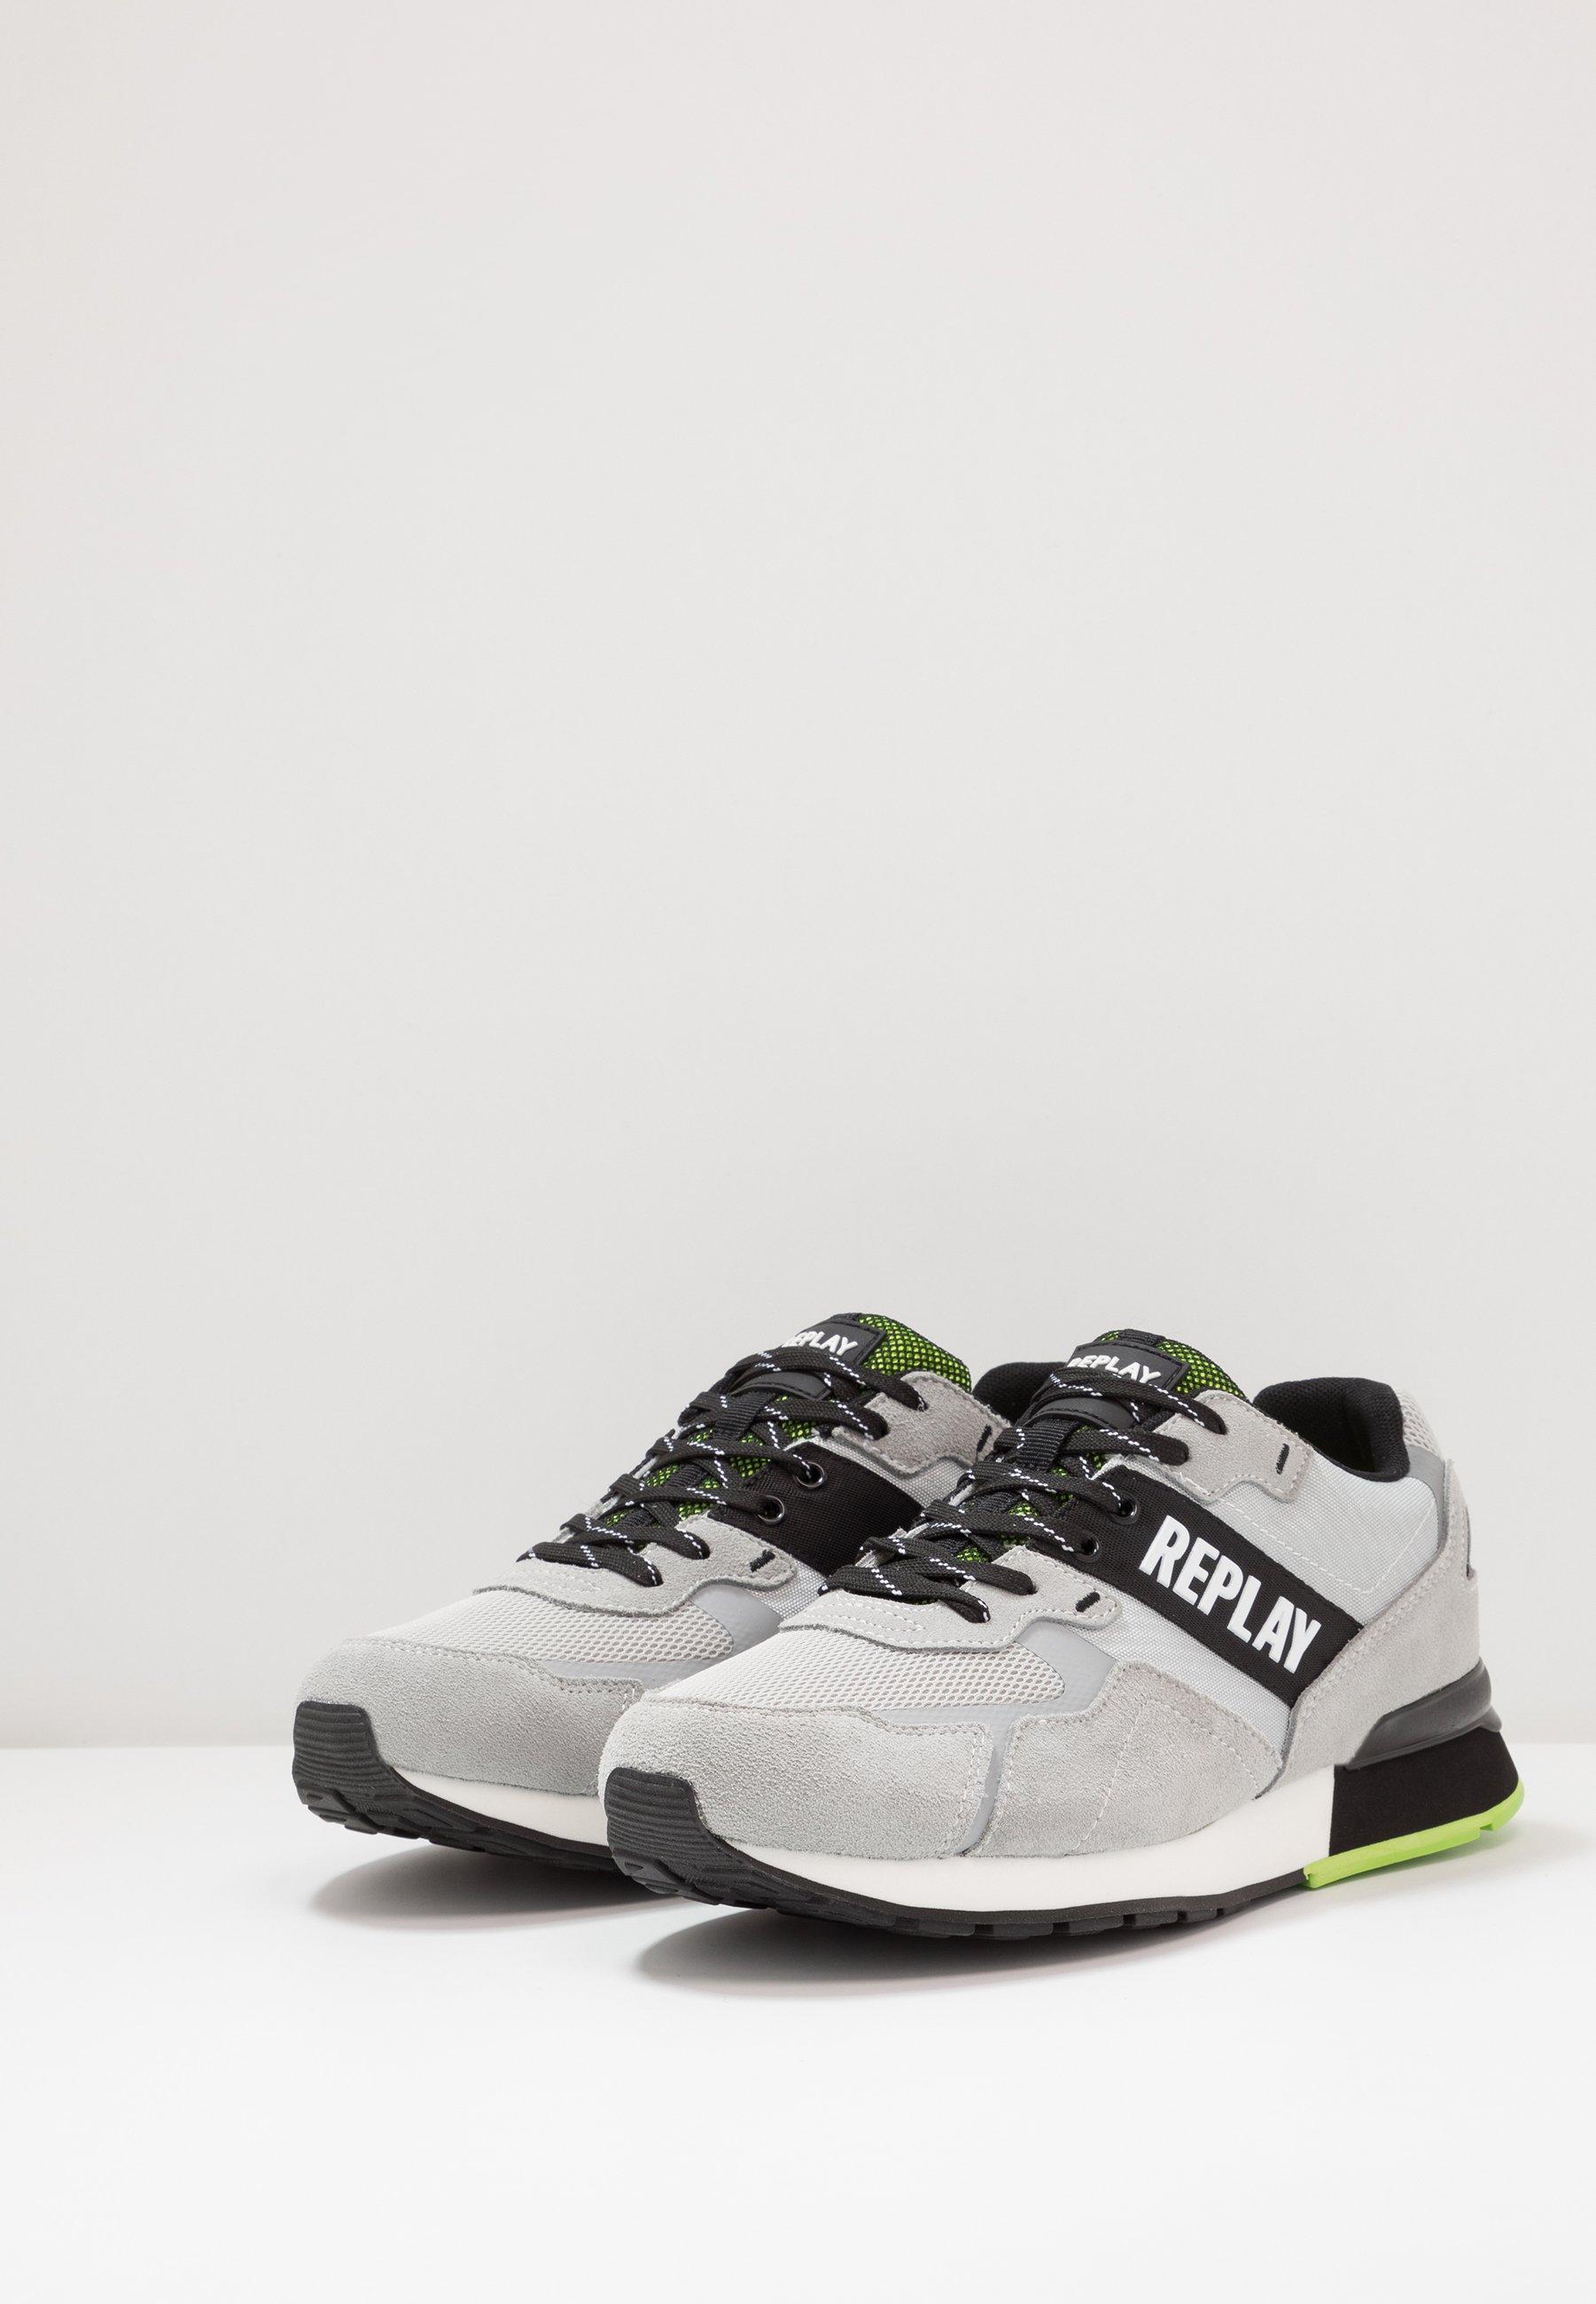 Replay BOWLAND - Zapatillas - grey/black - Calzado de hombre